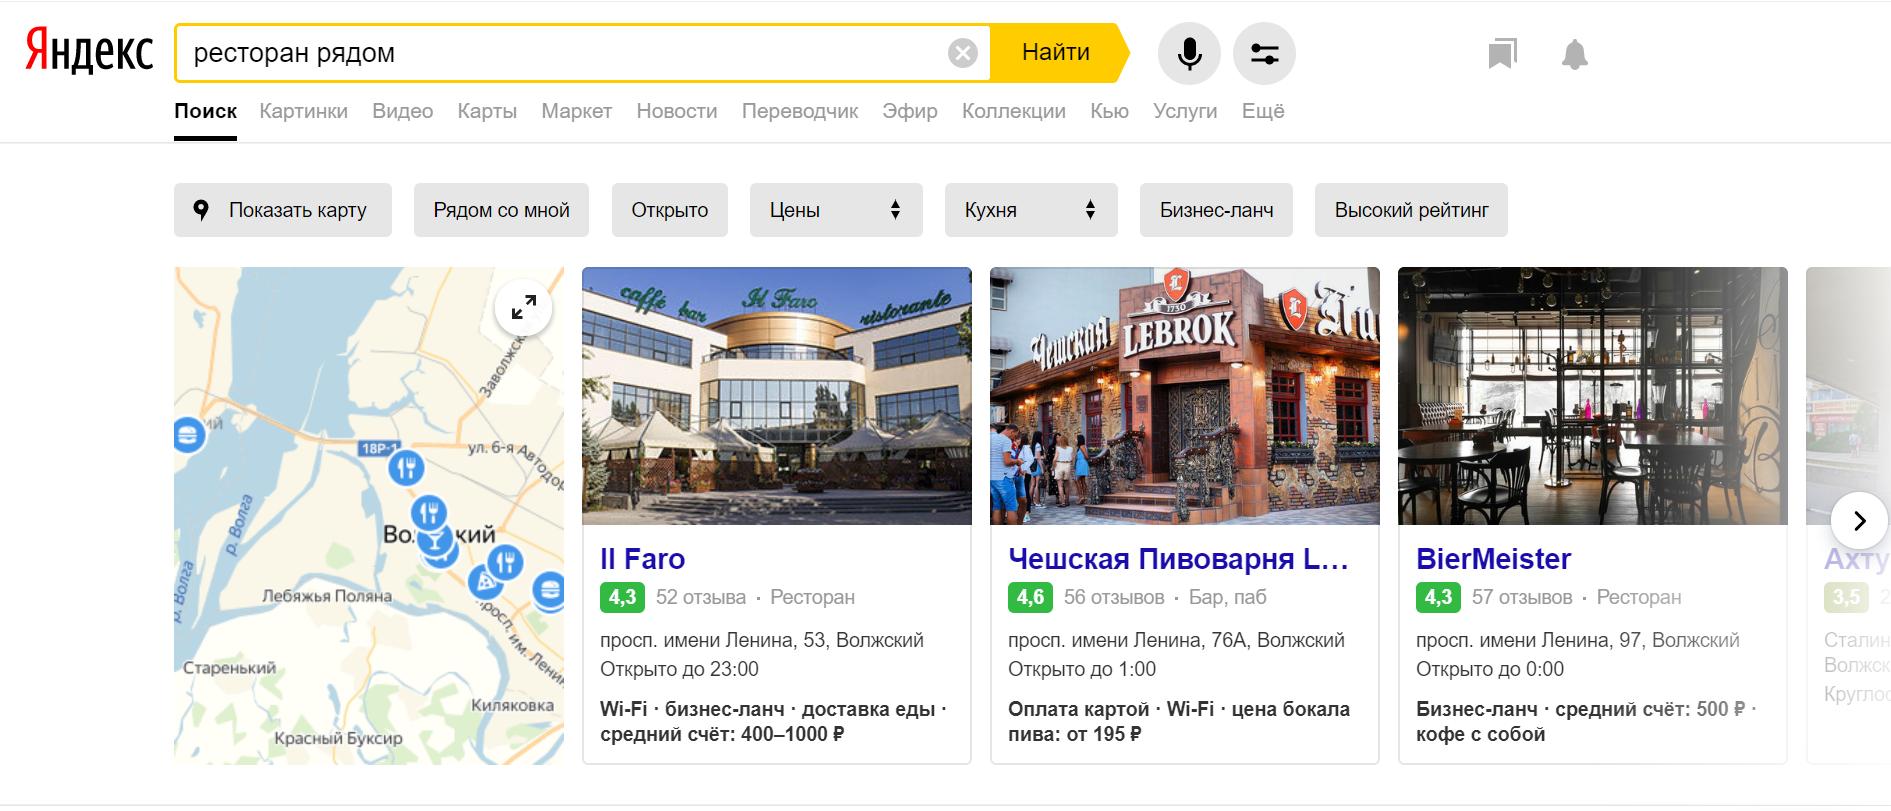 Купить отзыв на Яндекс Картах